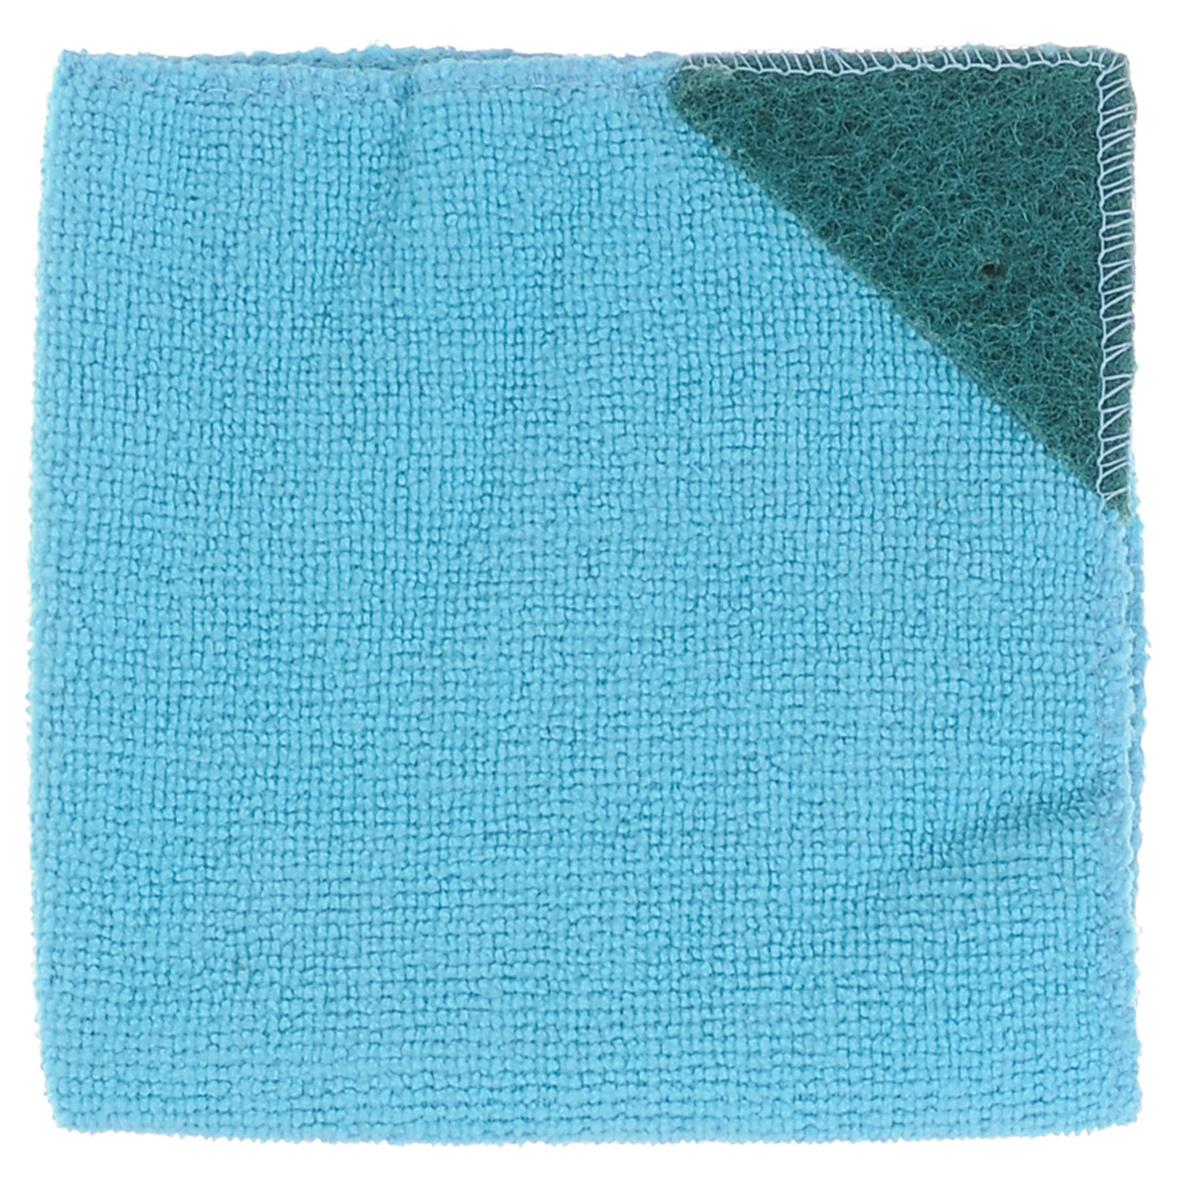 Салфетка для кухни Eva, с абразивом, цвет: голубой, 30 см х 30 см10503Салфетка Eva, выполненная из микрофибры, отлично удаляет загрязнения и впитывает влагу. Благодаря своей структуре, она не оставляет разводов, может удалять загрязнения без помощи чистящих средств и не оставляет ворса. Салфетка имеет абразивный уголок, что позволяет удалять особенно сложные загрязнения.Размер салфетки: 30 см х 30 см.